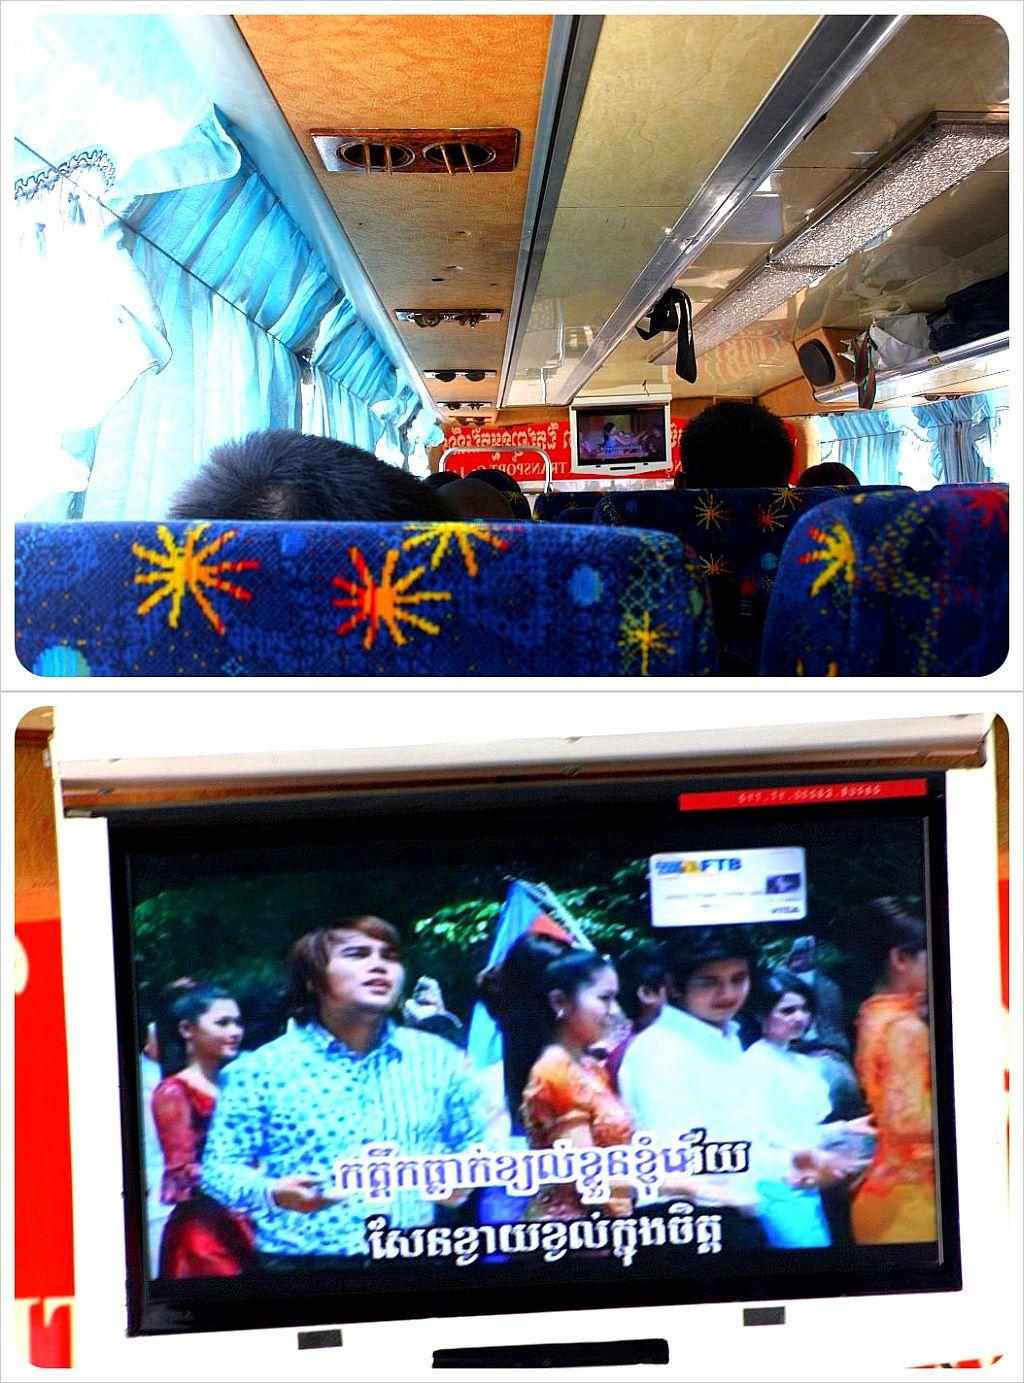 cambodia karaoke on buses